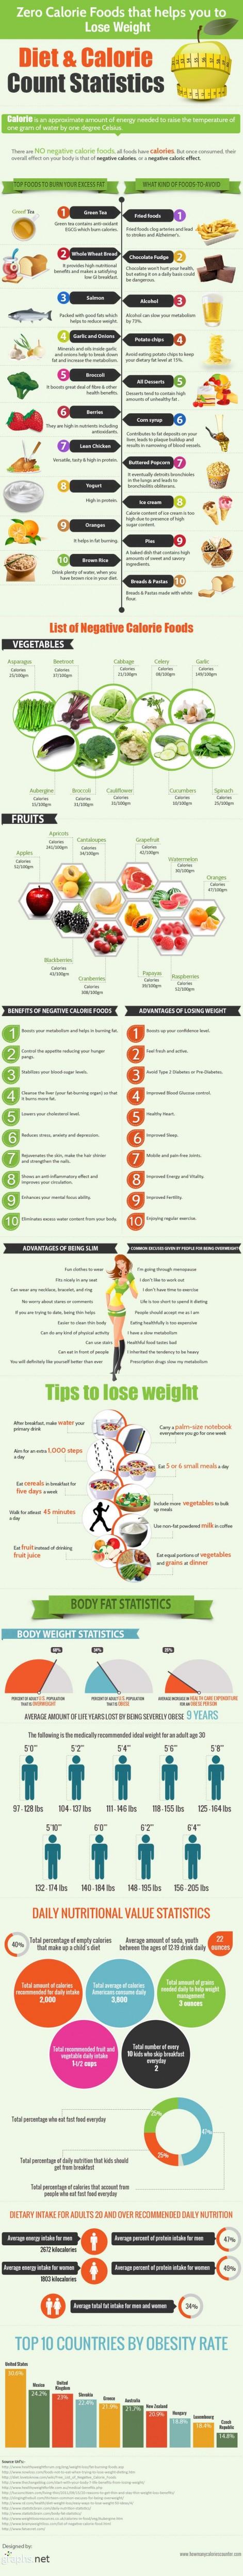 Bezkaloricke potraviny, ktere vam pomohou zhubnout - infografika